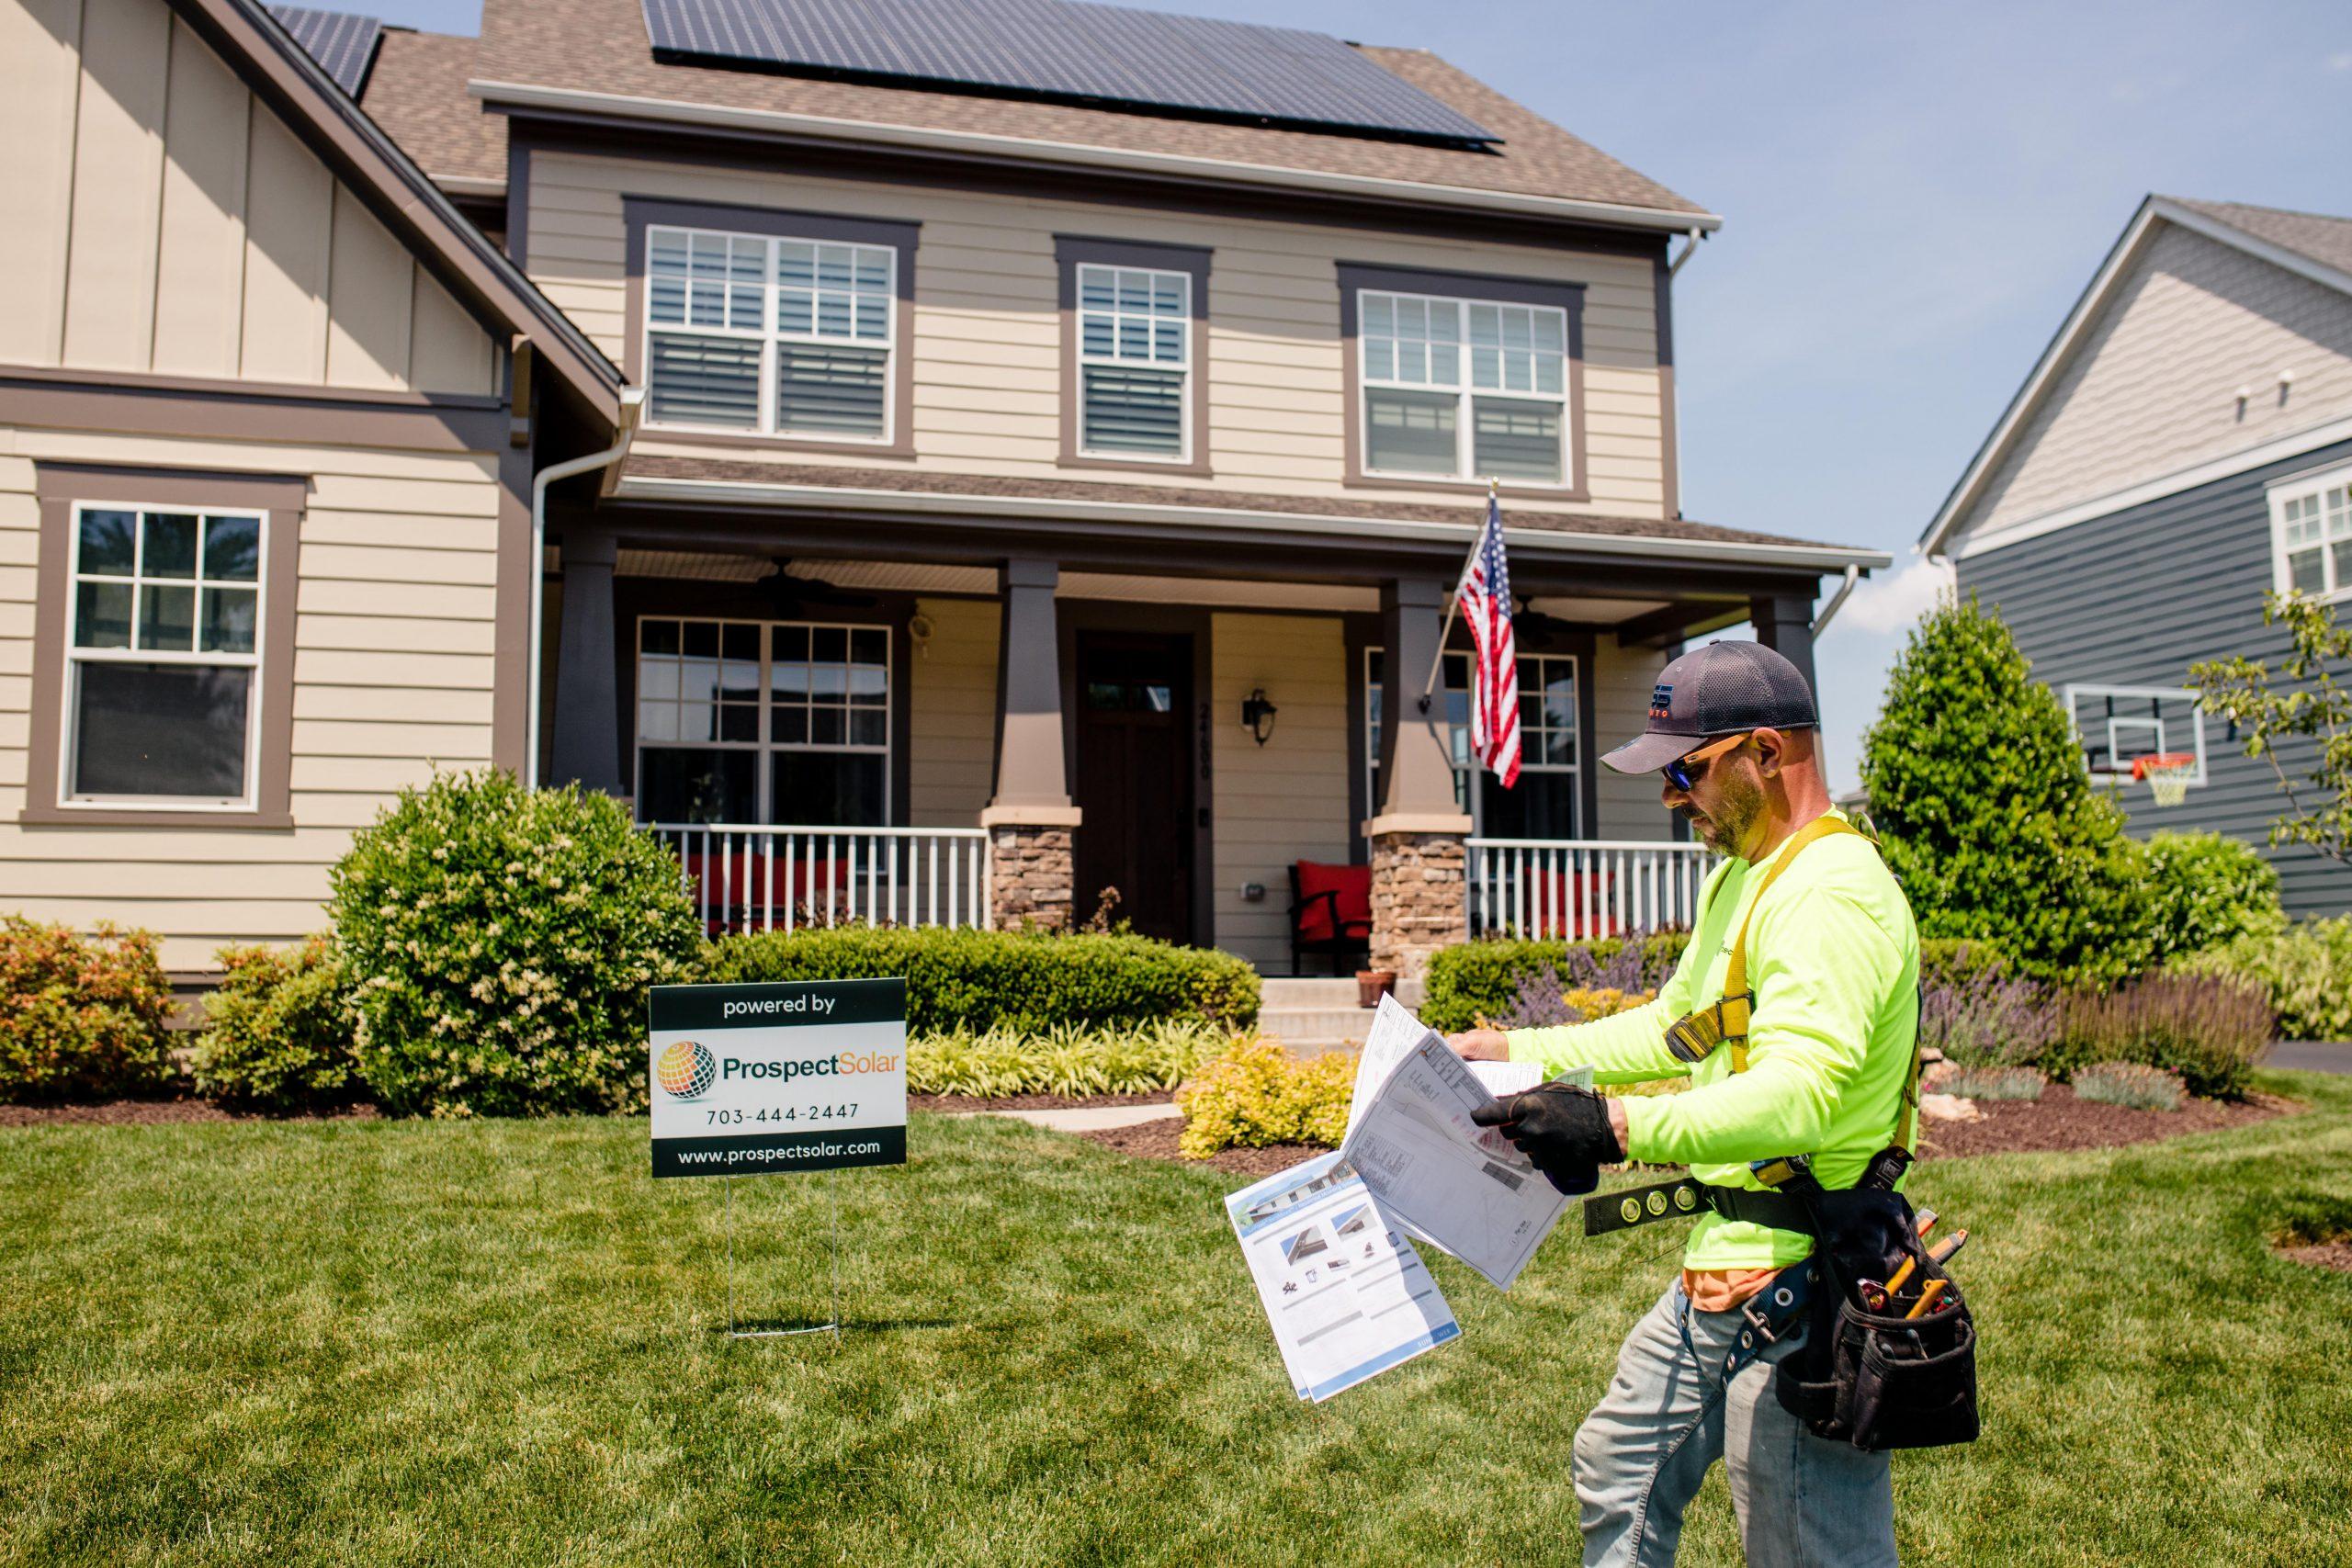 Prospect Solar Residential Panel Install